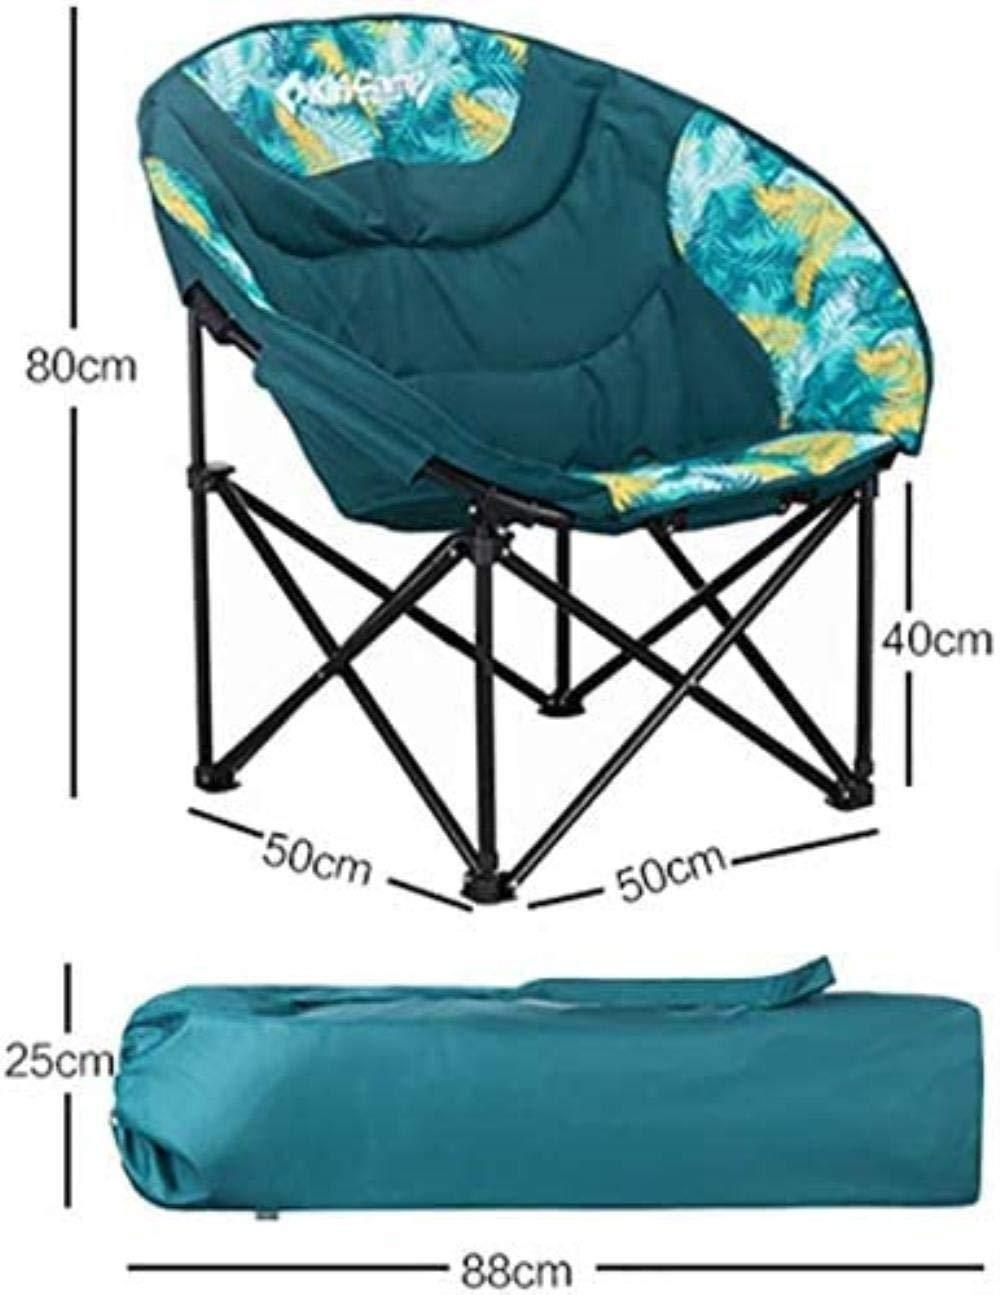 Sun Lounger Däckstolar Däckstol Hopfällbar stol Lunchpaus stol Fällbara stolar Bärbar Utomhus Fiske 7 stilar Fiskestol xiuyun (Färg: C) D